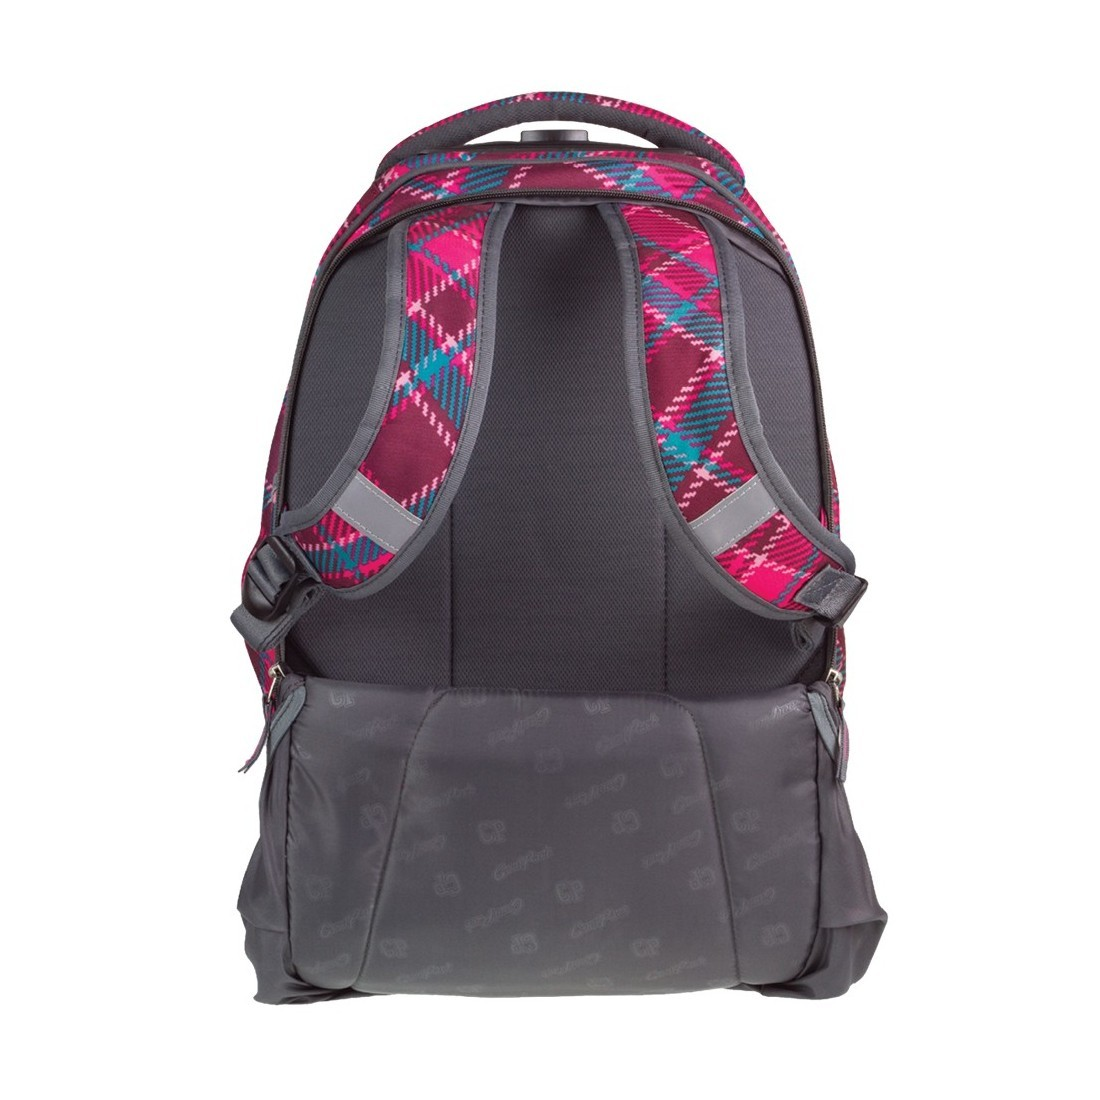 36fecc0f46317 ... Plecak na kółkach CoolPack CP wiśniowy w kratkę TARGET CRANBERRY CHECK  dla dziewczynki